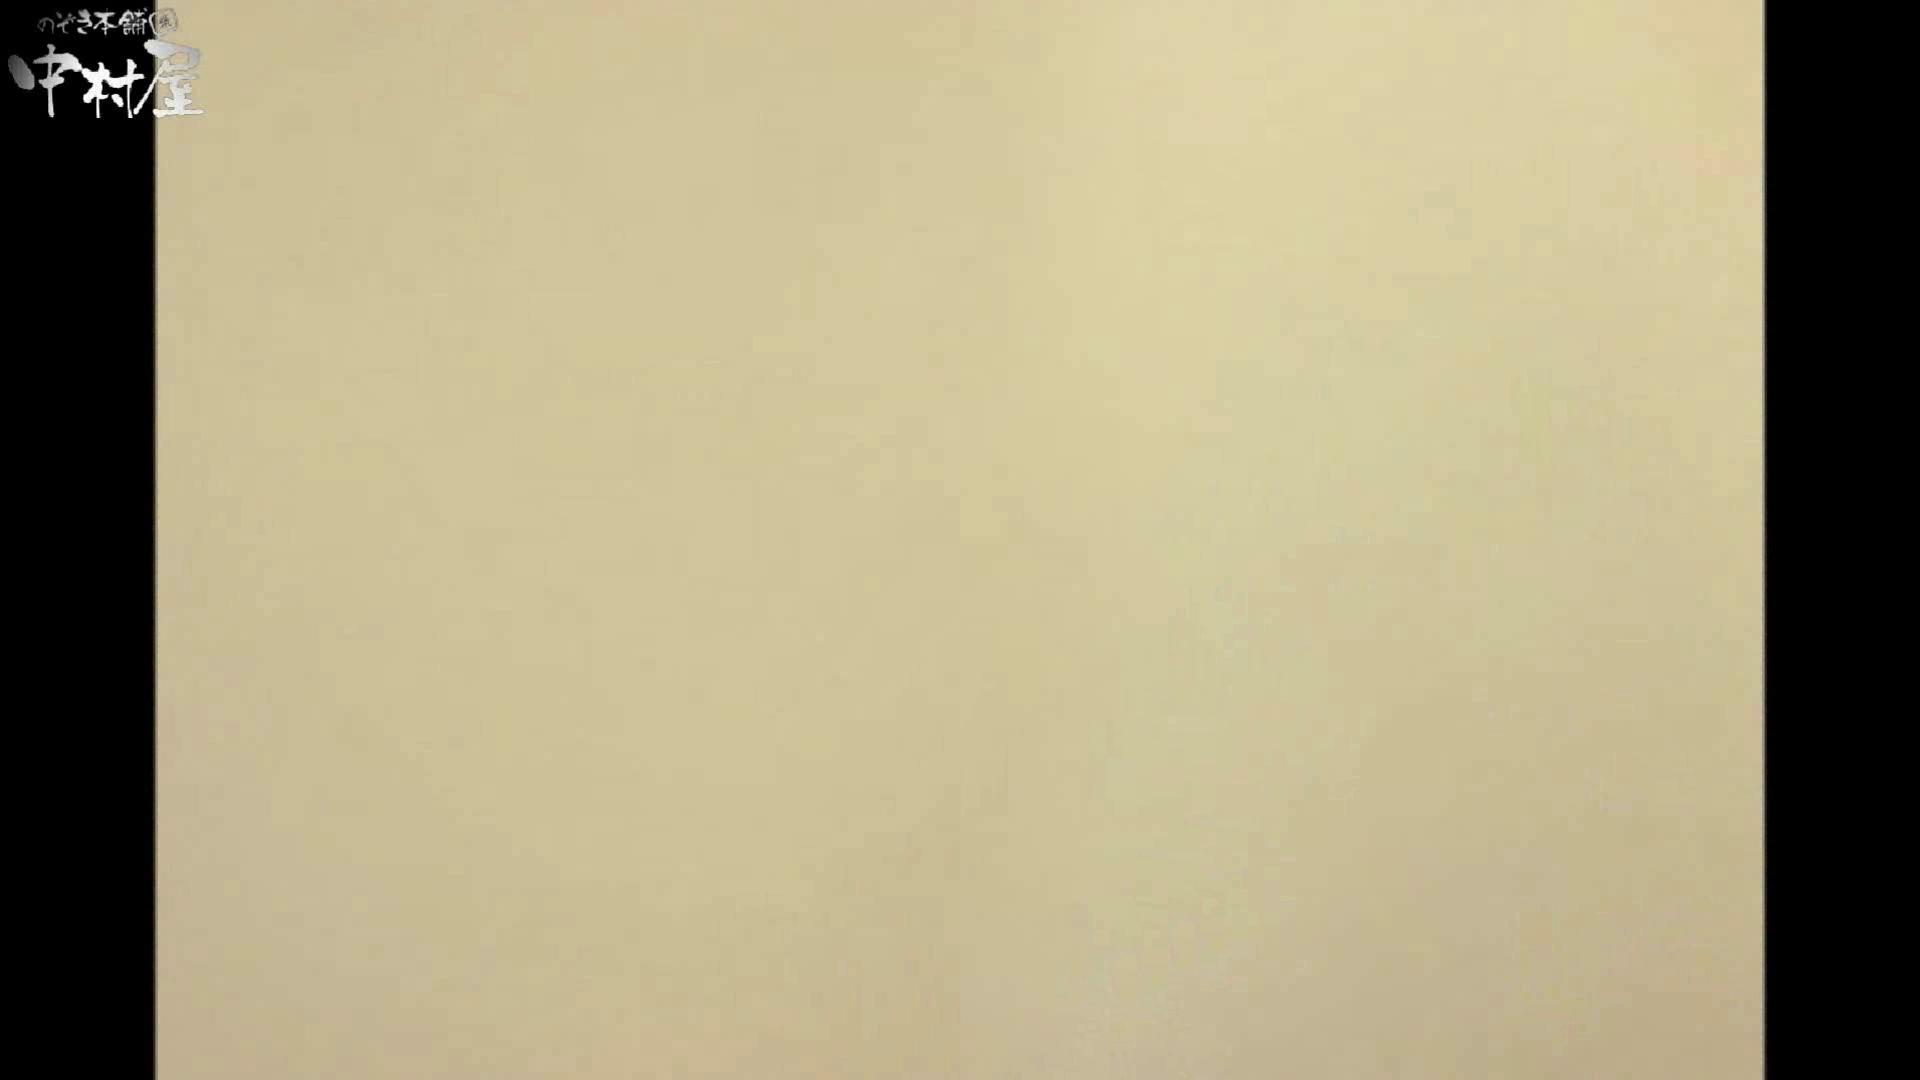 解禁!海の家4カメ洗面所vol.25 OLのエロ生活 オマンコ無修正動画無料 99連発 18